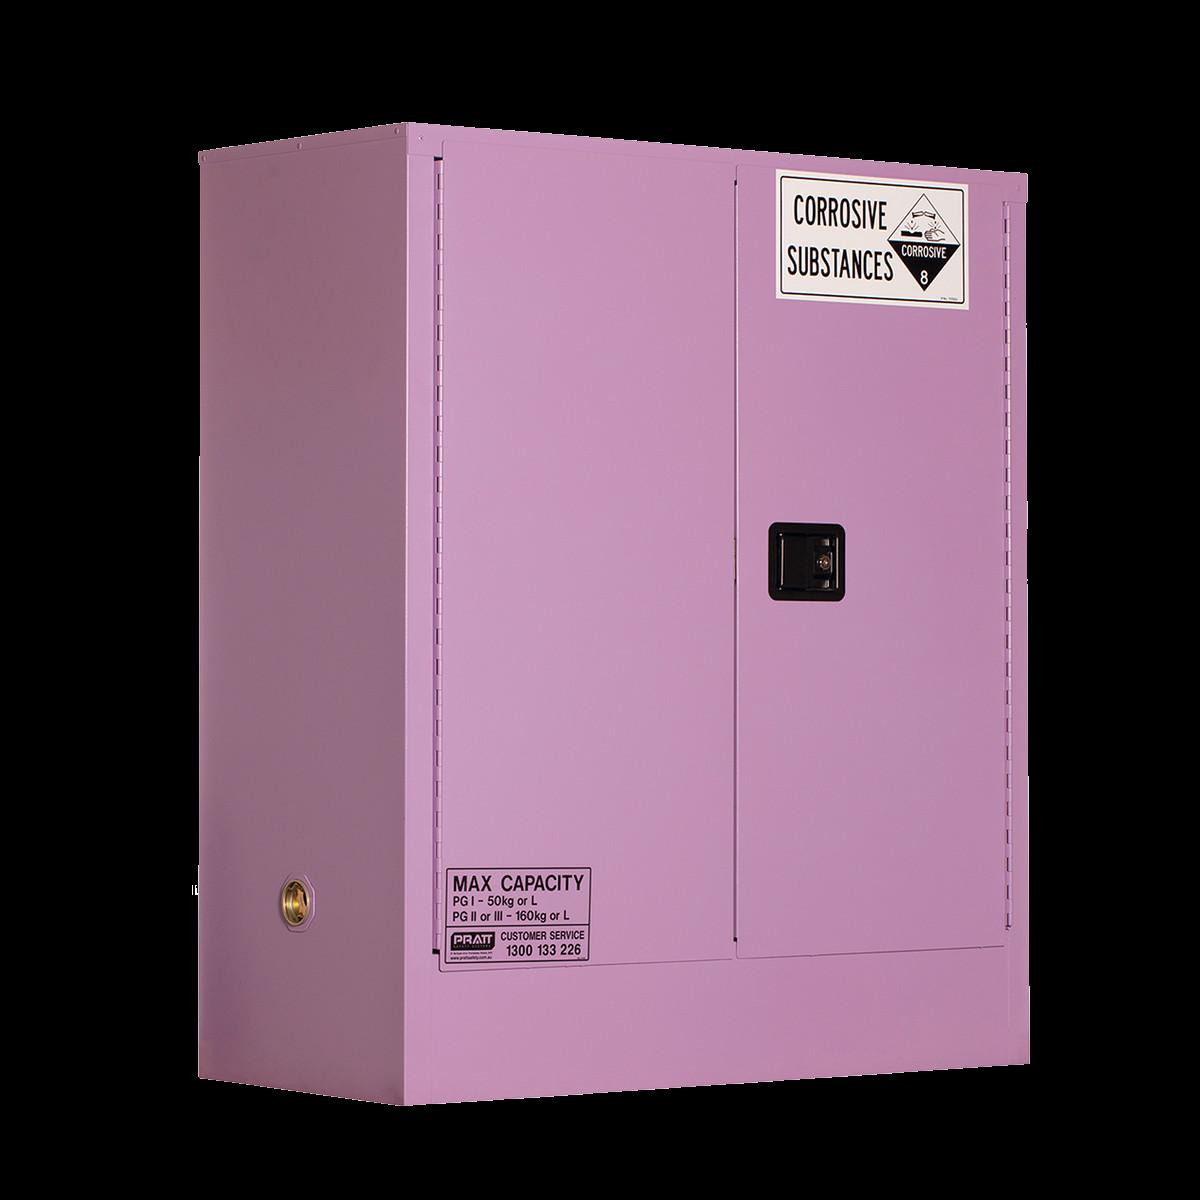 Corrosive Storage Cabinet 160 Liters - 2 Door, 2 Shelf